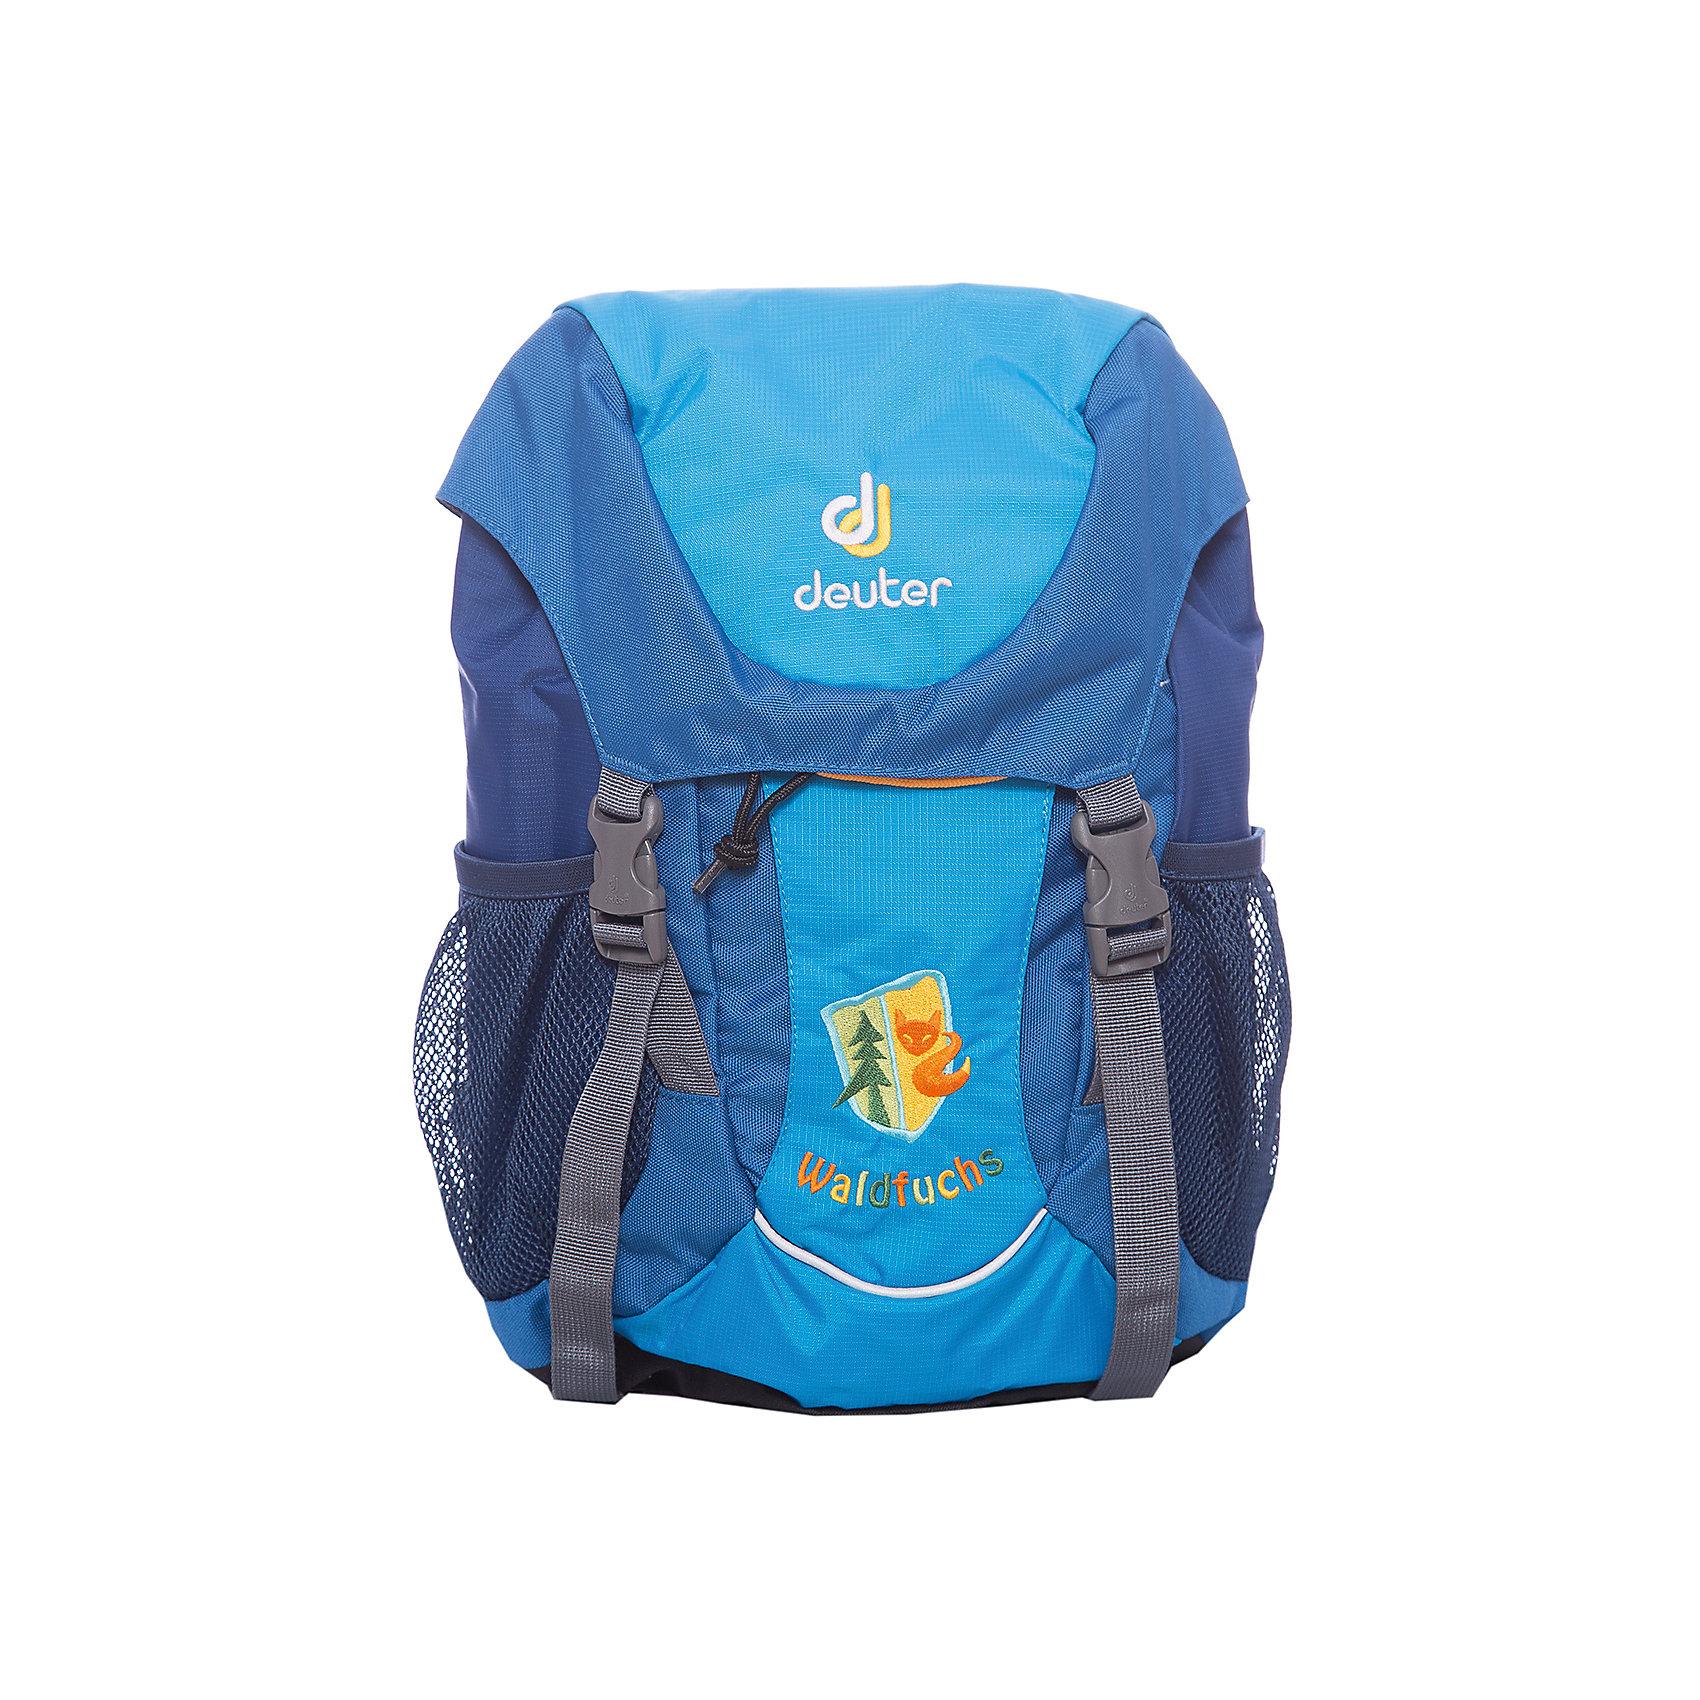 Школьный рюкзак Лиса, DeuterРюкзак Лиса, Deuter (Дойтер) - этот удобный функциональный рюкзак для маленьких путешественников будет незаменим в поездках, походах и путешествиях. Рюкзак выполнен из прочных износоустойчивых материалов. Привлекательный дизайн с бирюзовой расцветкой и нашивкой с изображением лисы обязательно понравится Вашему ребенку. У рюкзака мягкая спинка, усиленная съемным ковриком, мягкие плечевые лямки регулируются по длине, нагрудный ремень позволяет прочно зафиксировать рюкзак на теле. Также есть удобная текстильная ручка для транспортировки. Рюкзак закрывается большим клапаном с удобными застежками, внутри просторное отделение, карман на молнии для ключей и нашивка с именной биркой. Также имеются два сетчатых кармана по бокам и большой карман на липучке Velcro на лицевой стороне. Усиленное дно защитит содержимое рюкзака от повреждений. Есть петли для подвешивания фонарика или необходимого в походе снаряжения и две застежки для надежного крепления куртки под верхним клапаном. <br><br>Дополнительная информация:<br><br>- Материал: Deuter-Microrip-Nylon (нейлон), Deuter-Super-Polytex (полиэстер).  <br>- Размер: 24 х 35 х 15 см.<br>- Объем: 10 л.<br>- Вес: 0,35 кг.<br><br>Бирюзовый рюкзак Лиса Deuter (Дойтер) можно купить в нашем интернет-магазине.<br><br>Ширина мм: 150<br>Глубина мм: 240<br>Высота мм: 350<br>Вес г: 350<br>Возраст от месяцев: 72<br>Возраст до месяцев: 144<br>Пол: Унисекс<br>Возраст: Детский<br>SKU: 4089704